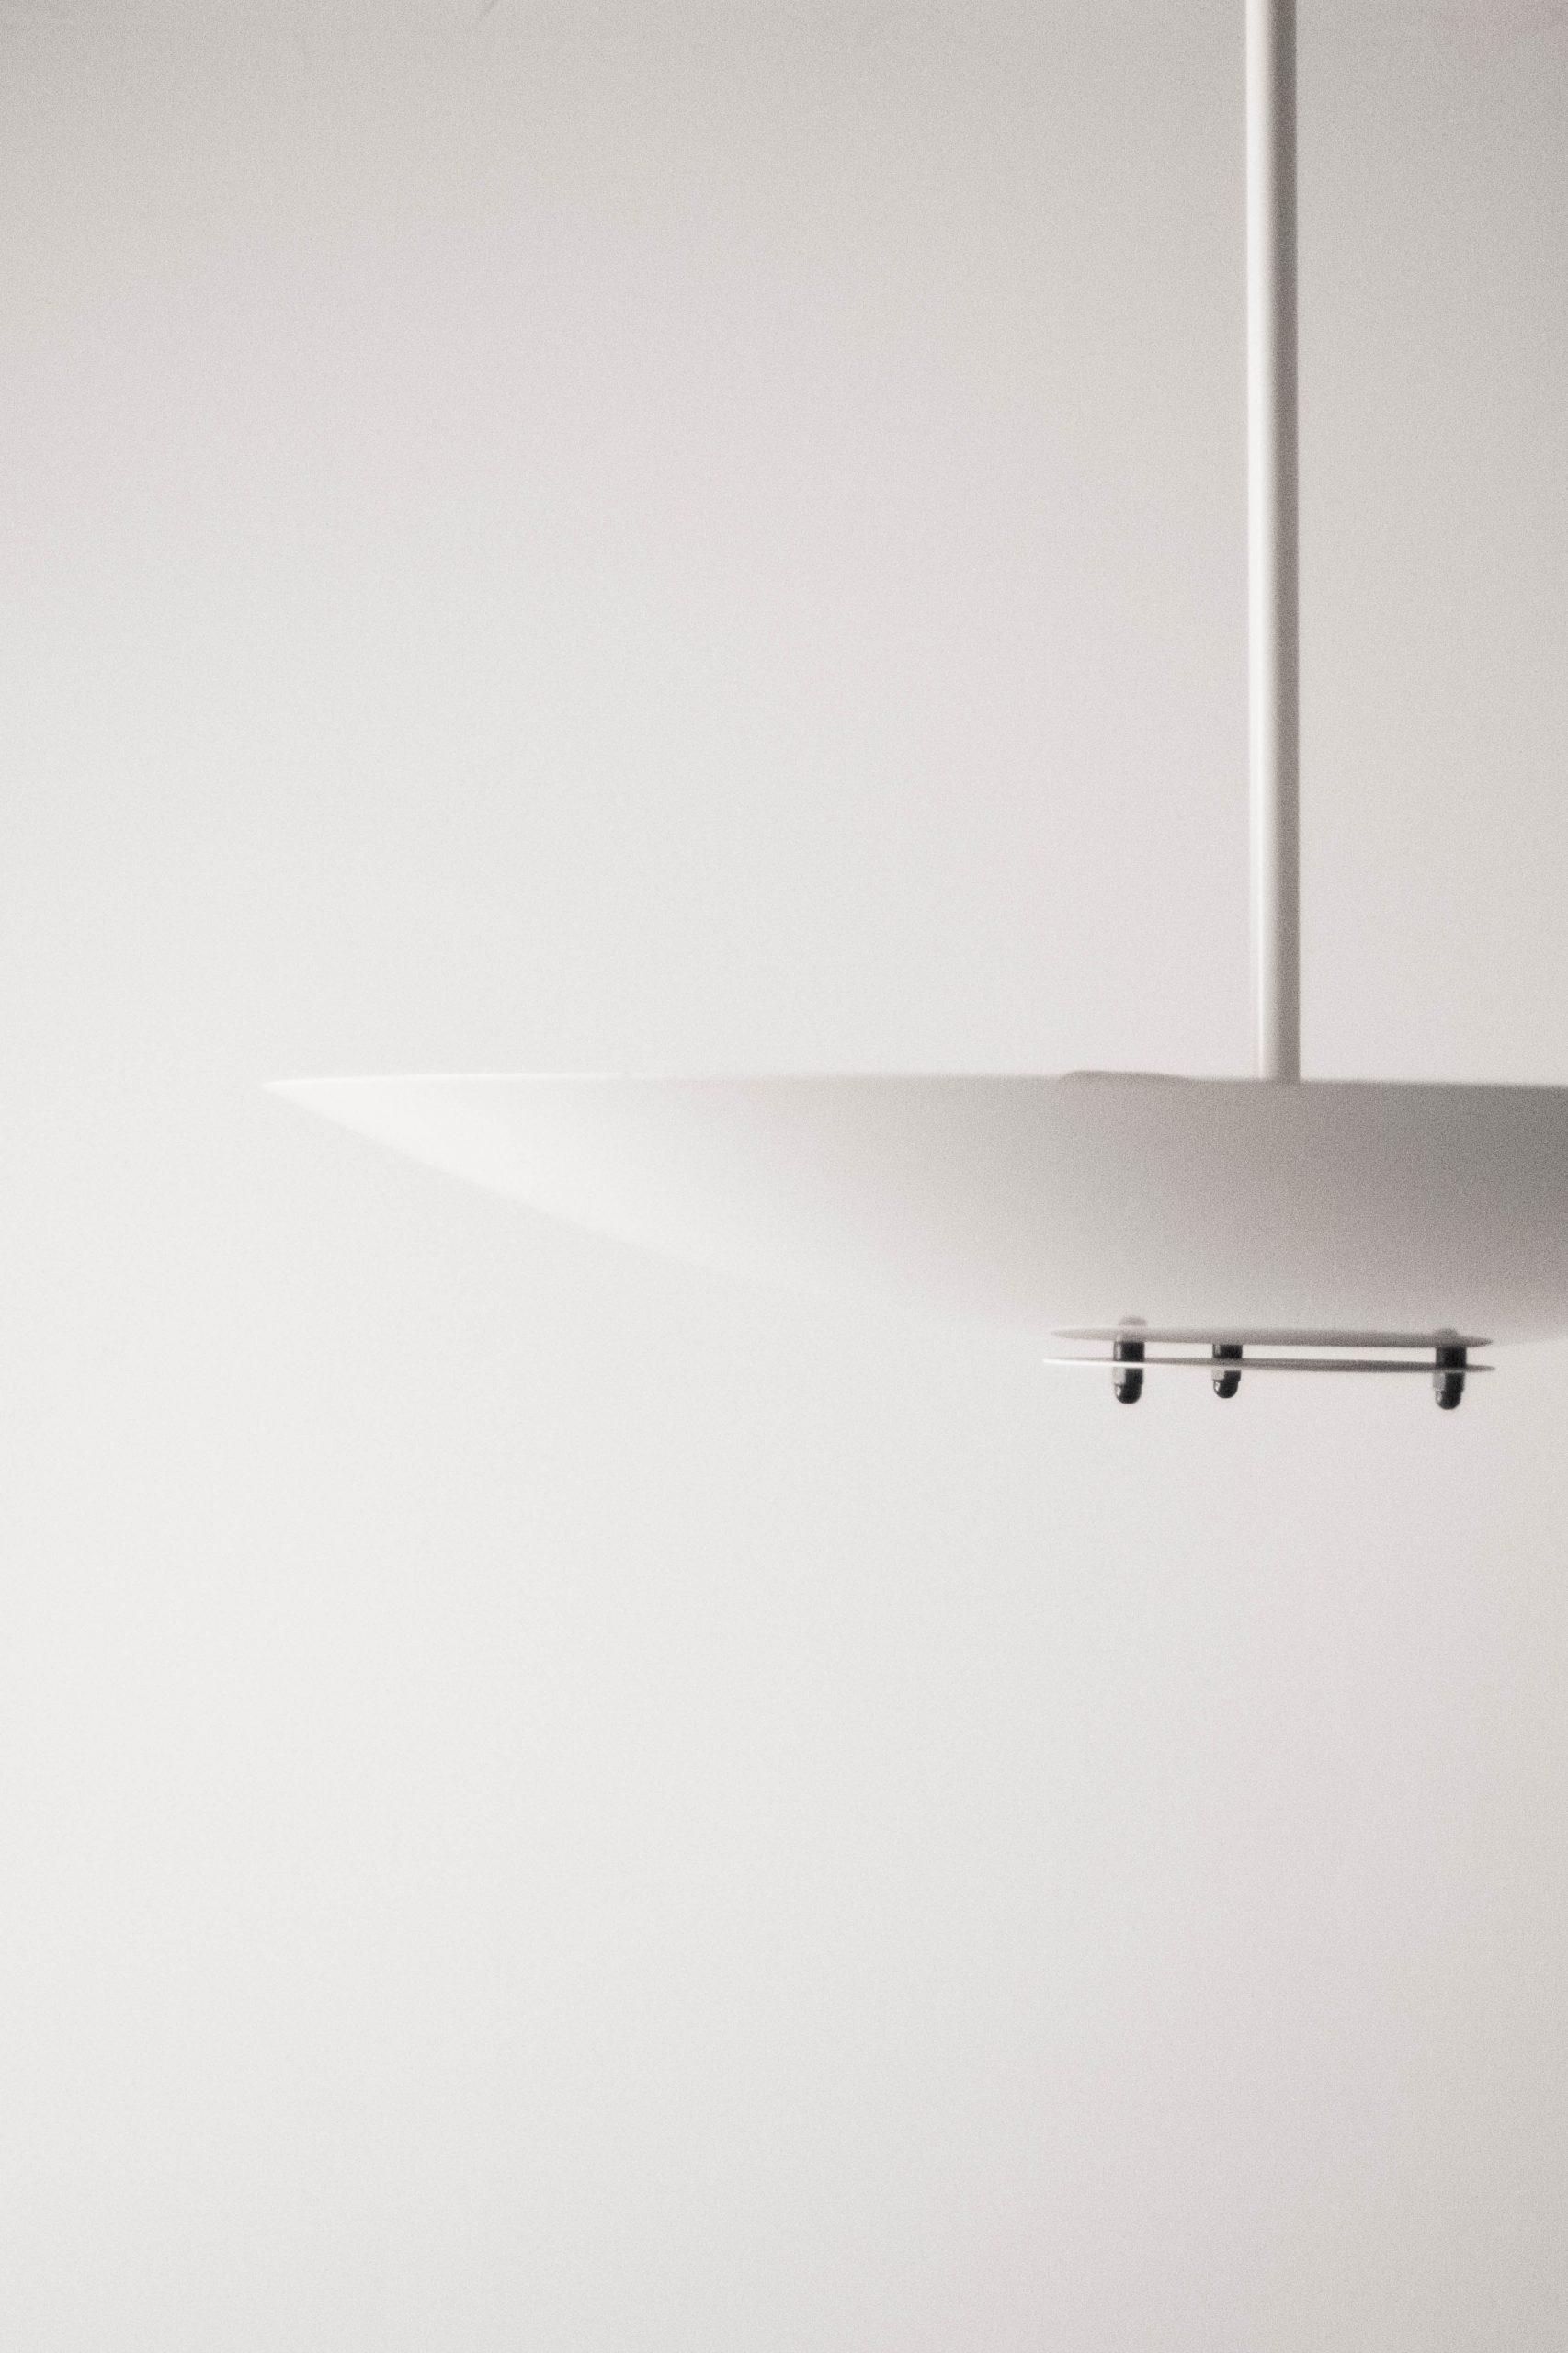 lampara de techo fabricada en blanco danesa de diseño